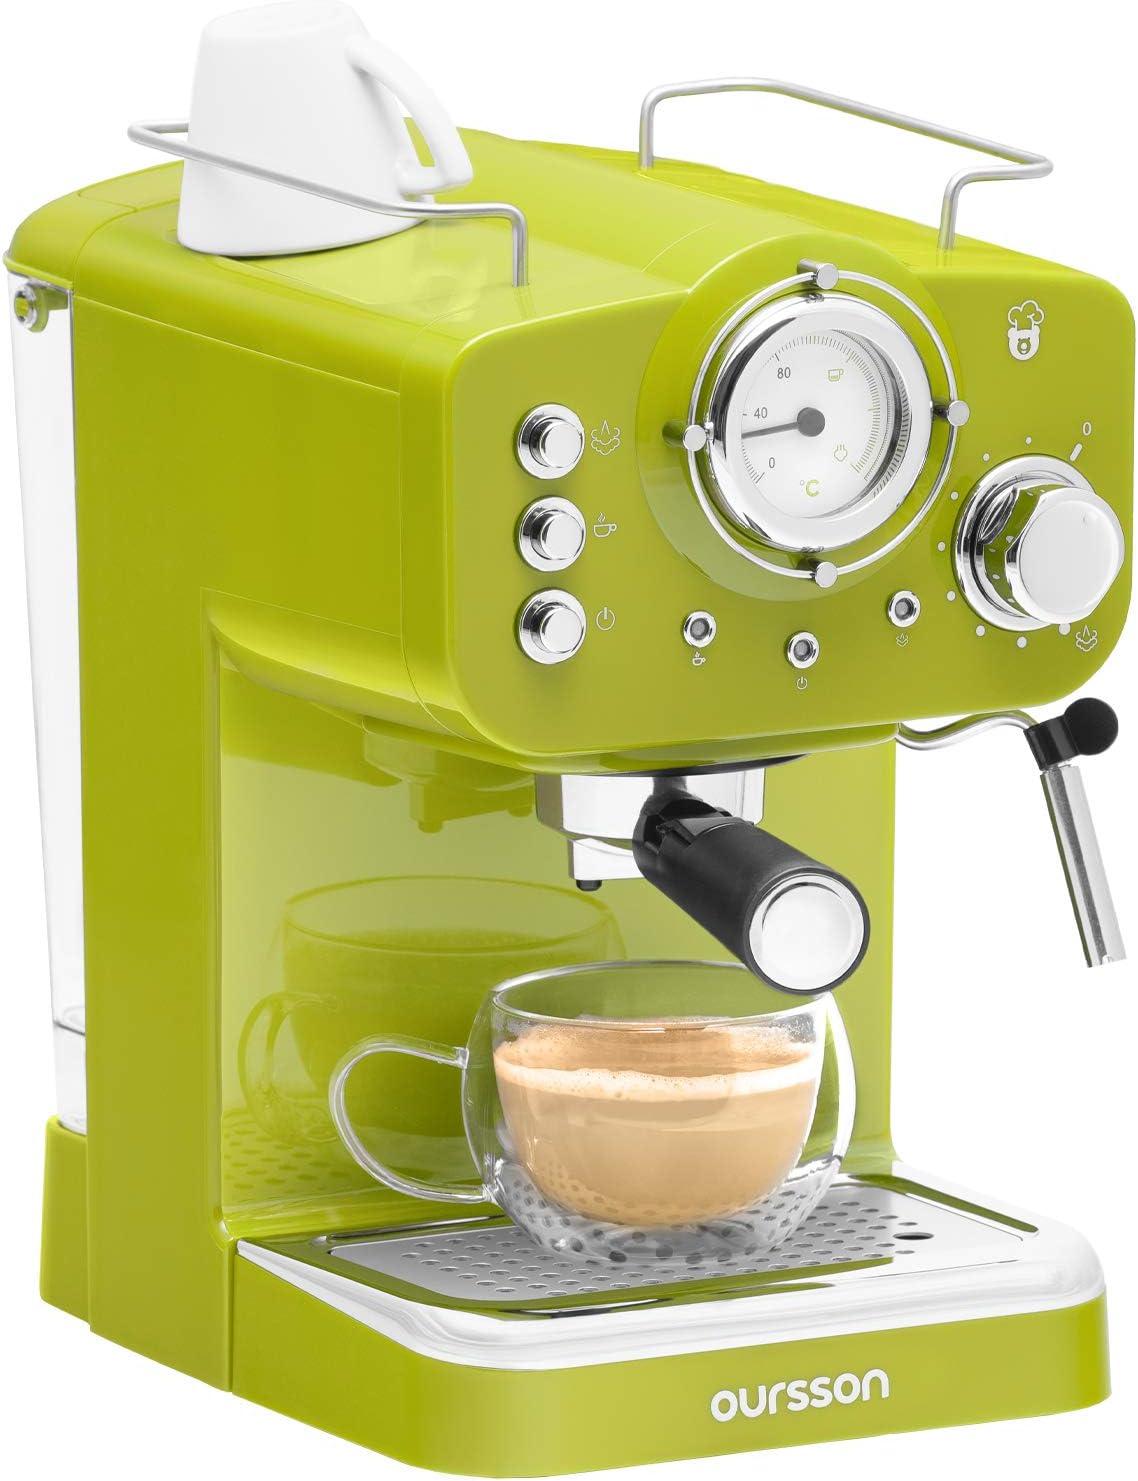 Oursson Máquina de Café Espresso - Cappuccino, Retro, 15 Bares, Vaporizador Orientable, Capacidad 1.25 l, Café Molido, EM1500 Serie (Verde): Amazon.es: Hogar